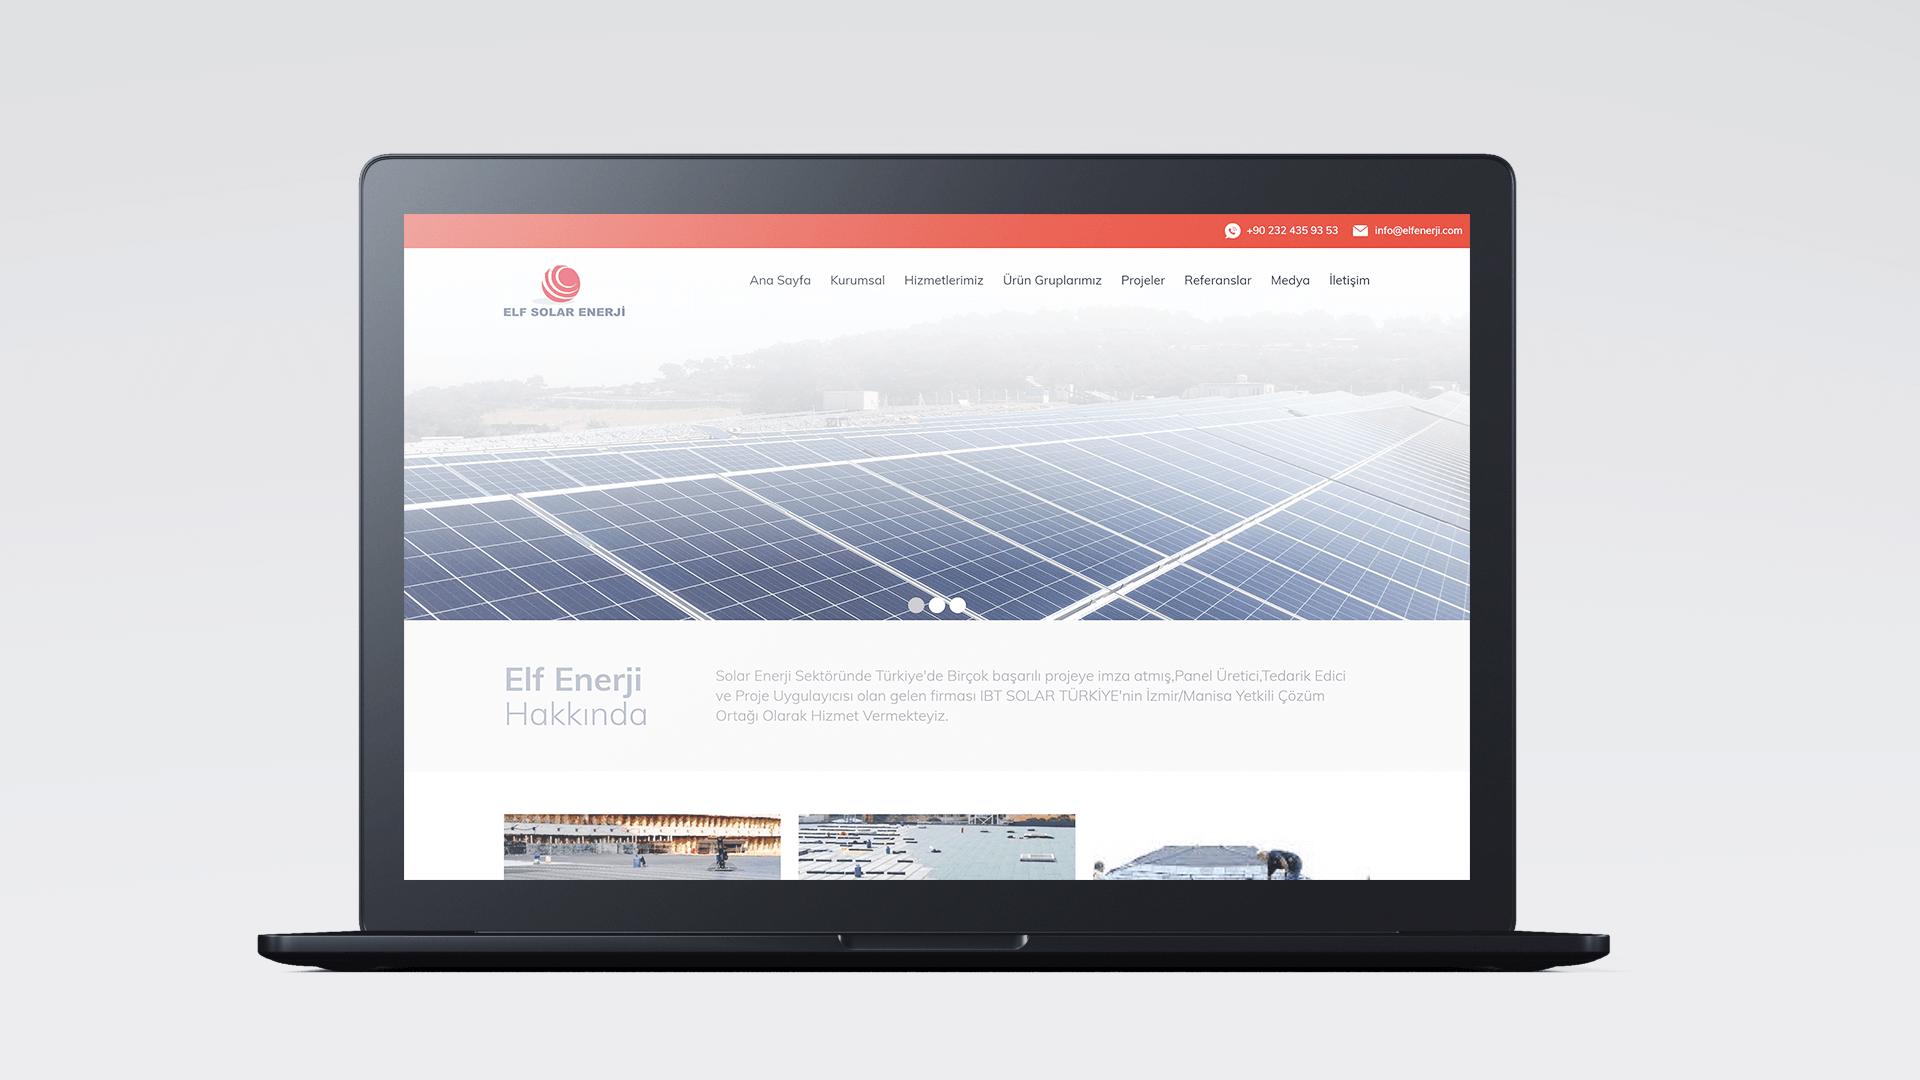 elf-enerji-laptop